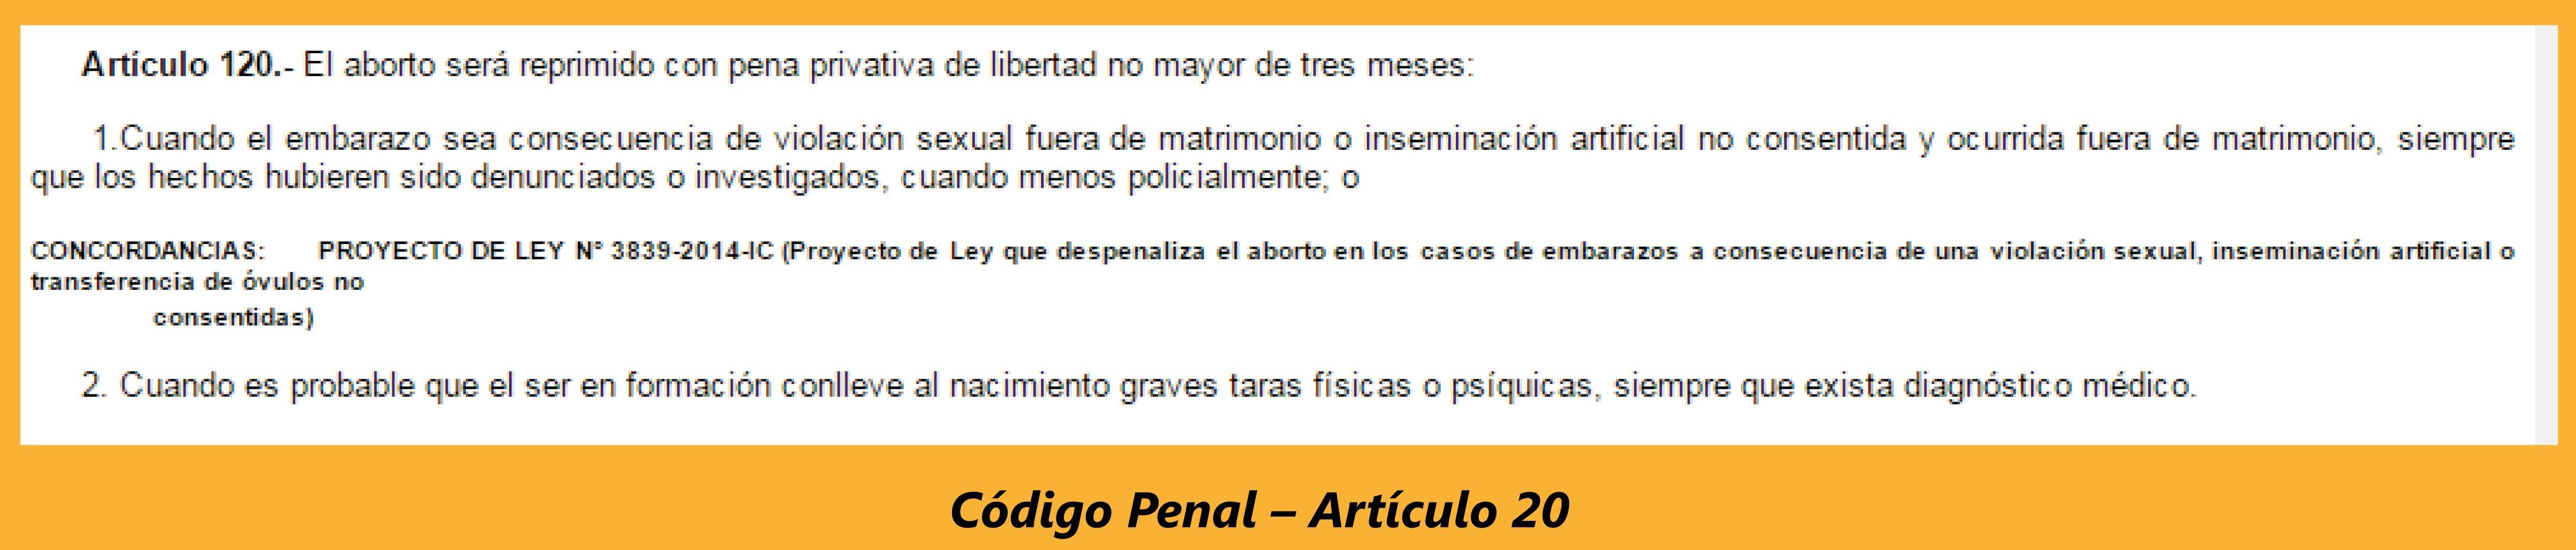 articulo-120